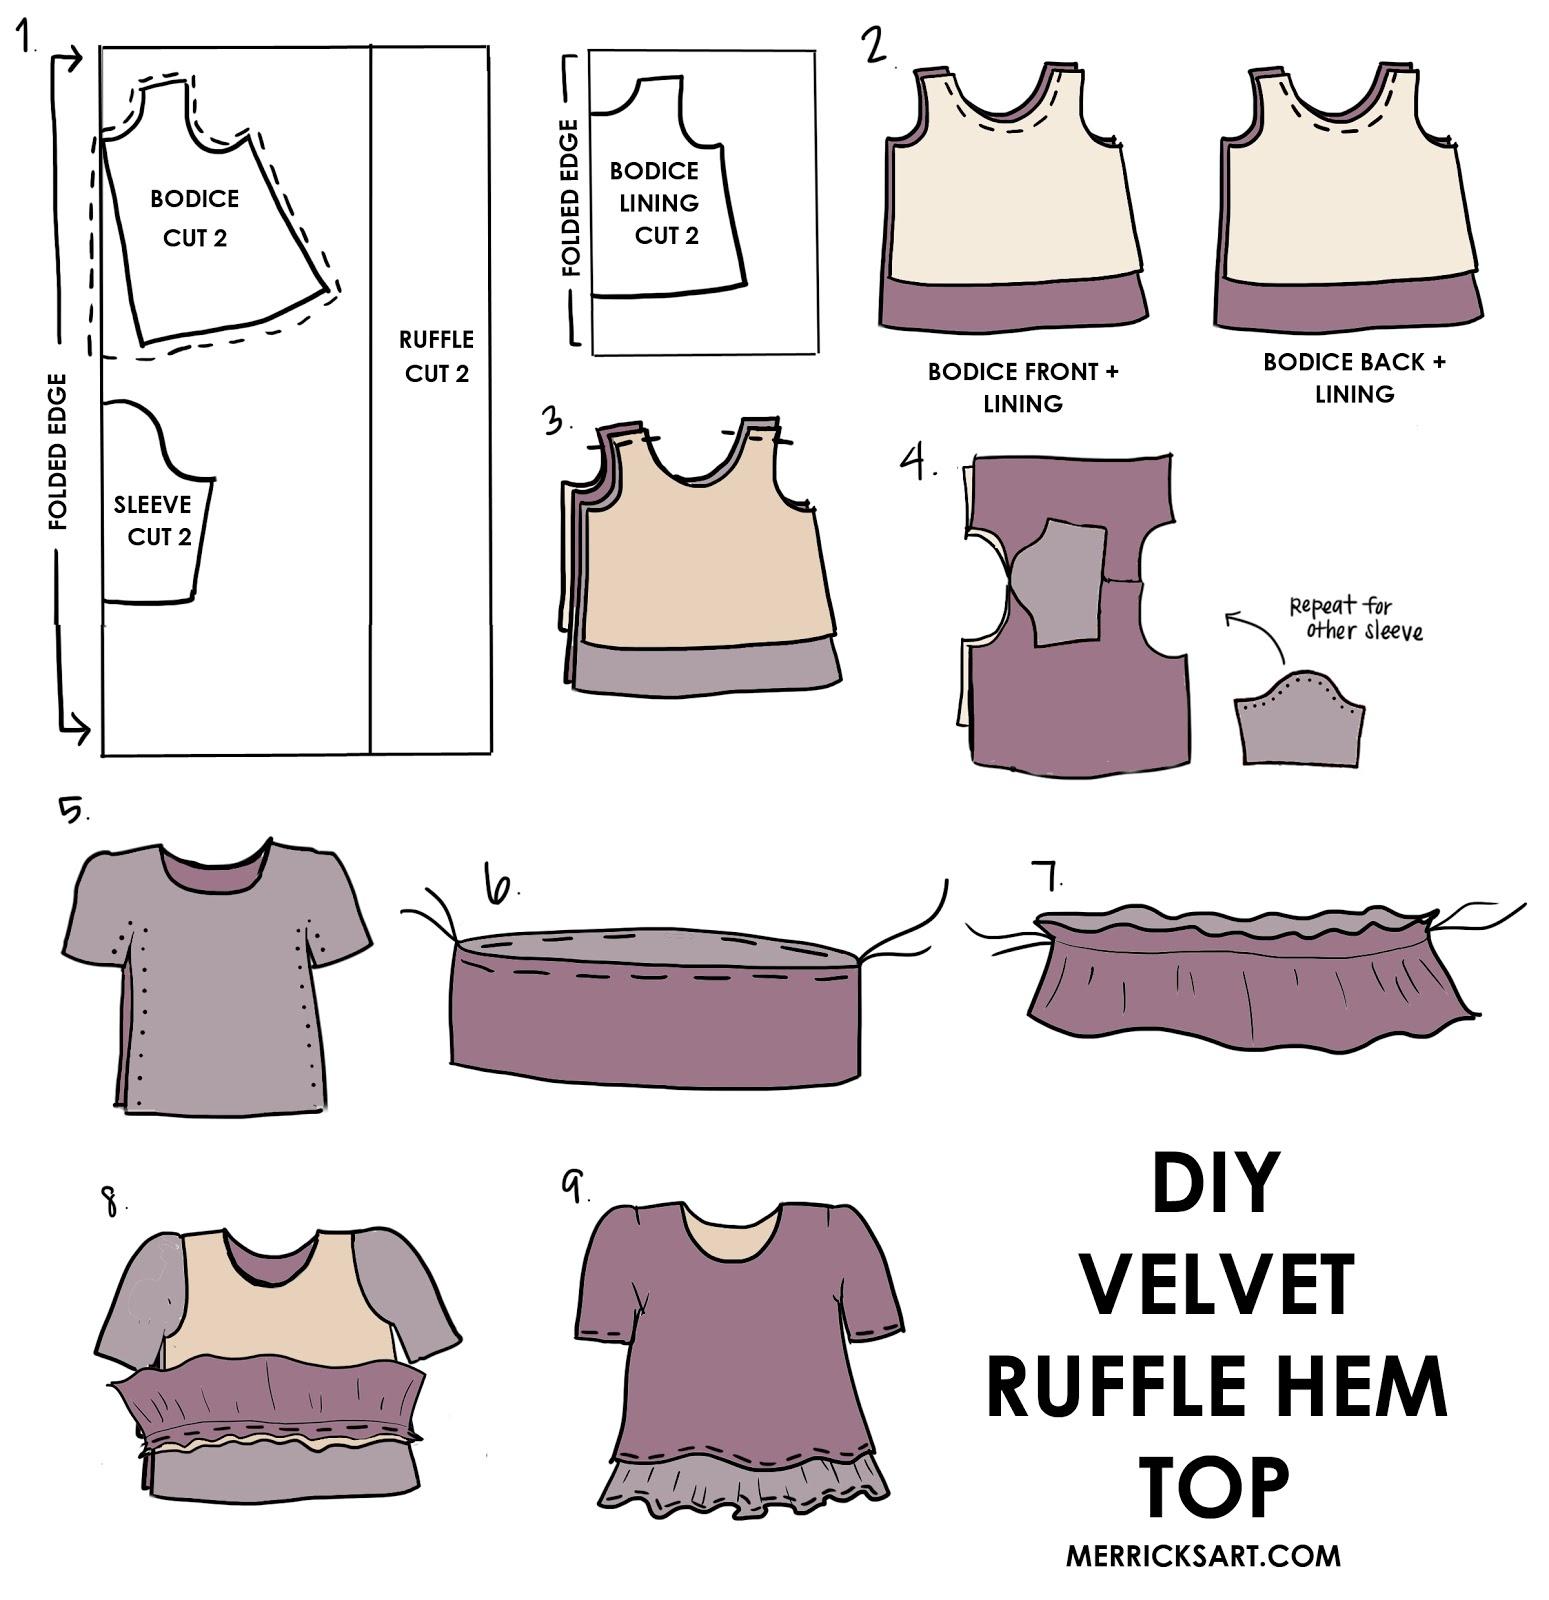 velvet-ruffle-hem-top